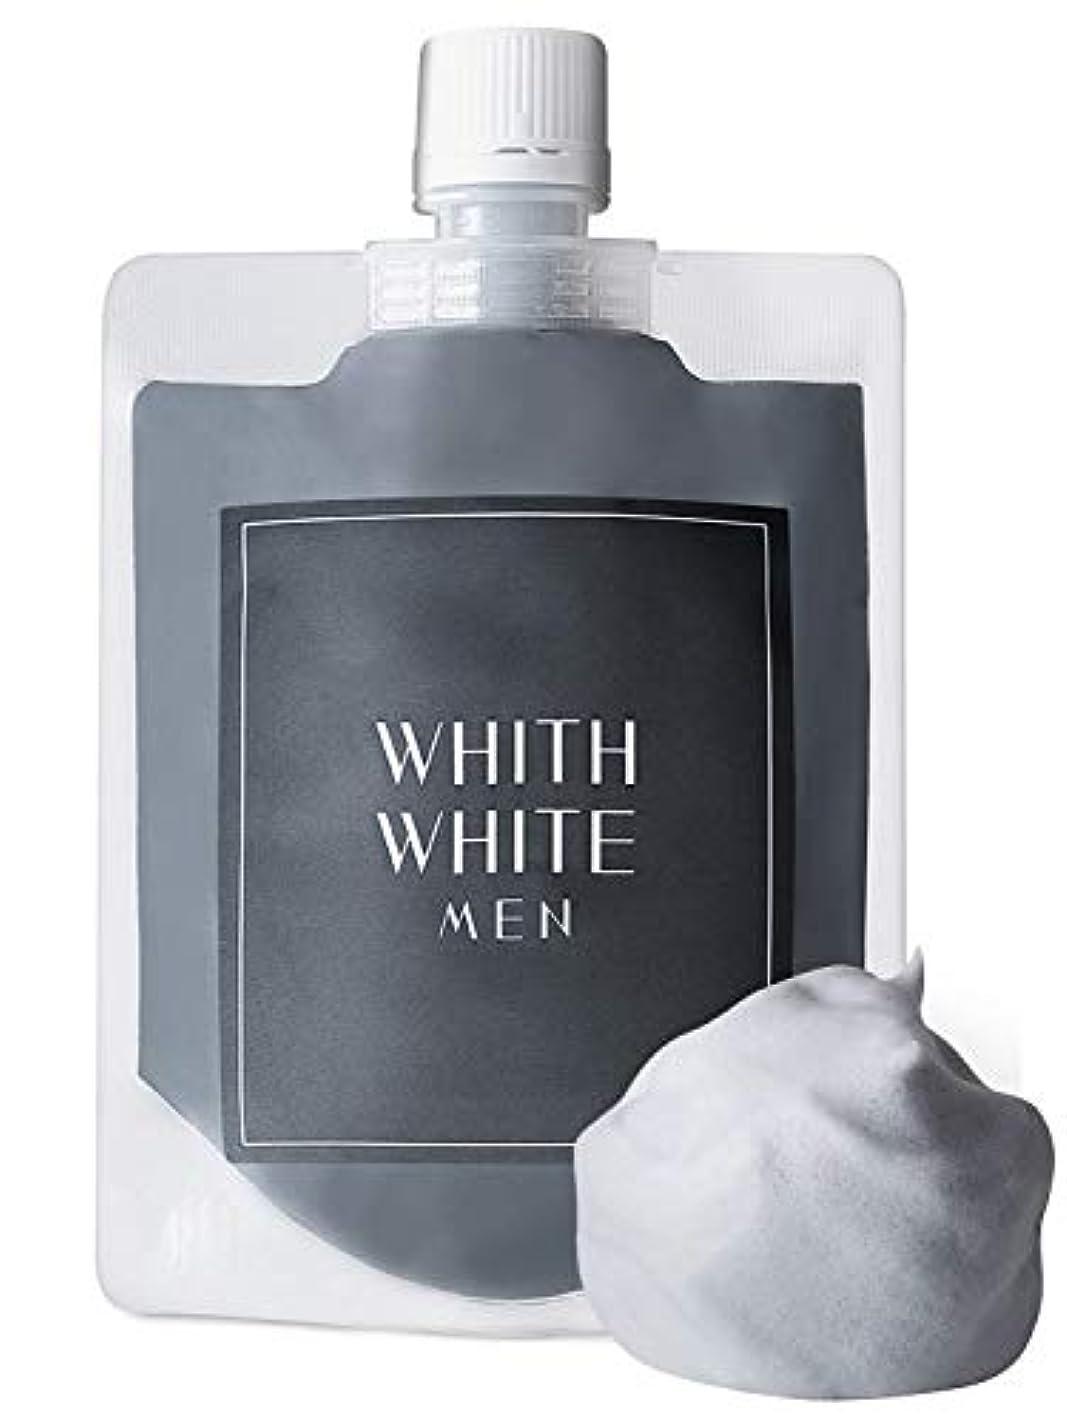 場所上級マルクス主義者フィス ホワイト メンズ 泥 洗顔 ネット 付き 8つの 無添加 洗顔フォーム (炭 泡 クレイ で 顔 汚れ を 落とす) (日本製 洗顔料 130g リッチ セット)(どろ で 毛穴 を ごっそり 除去)